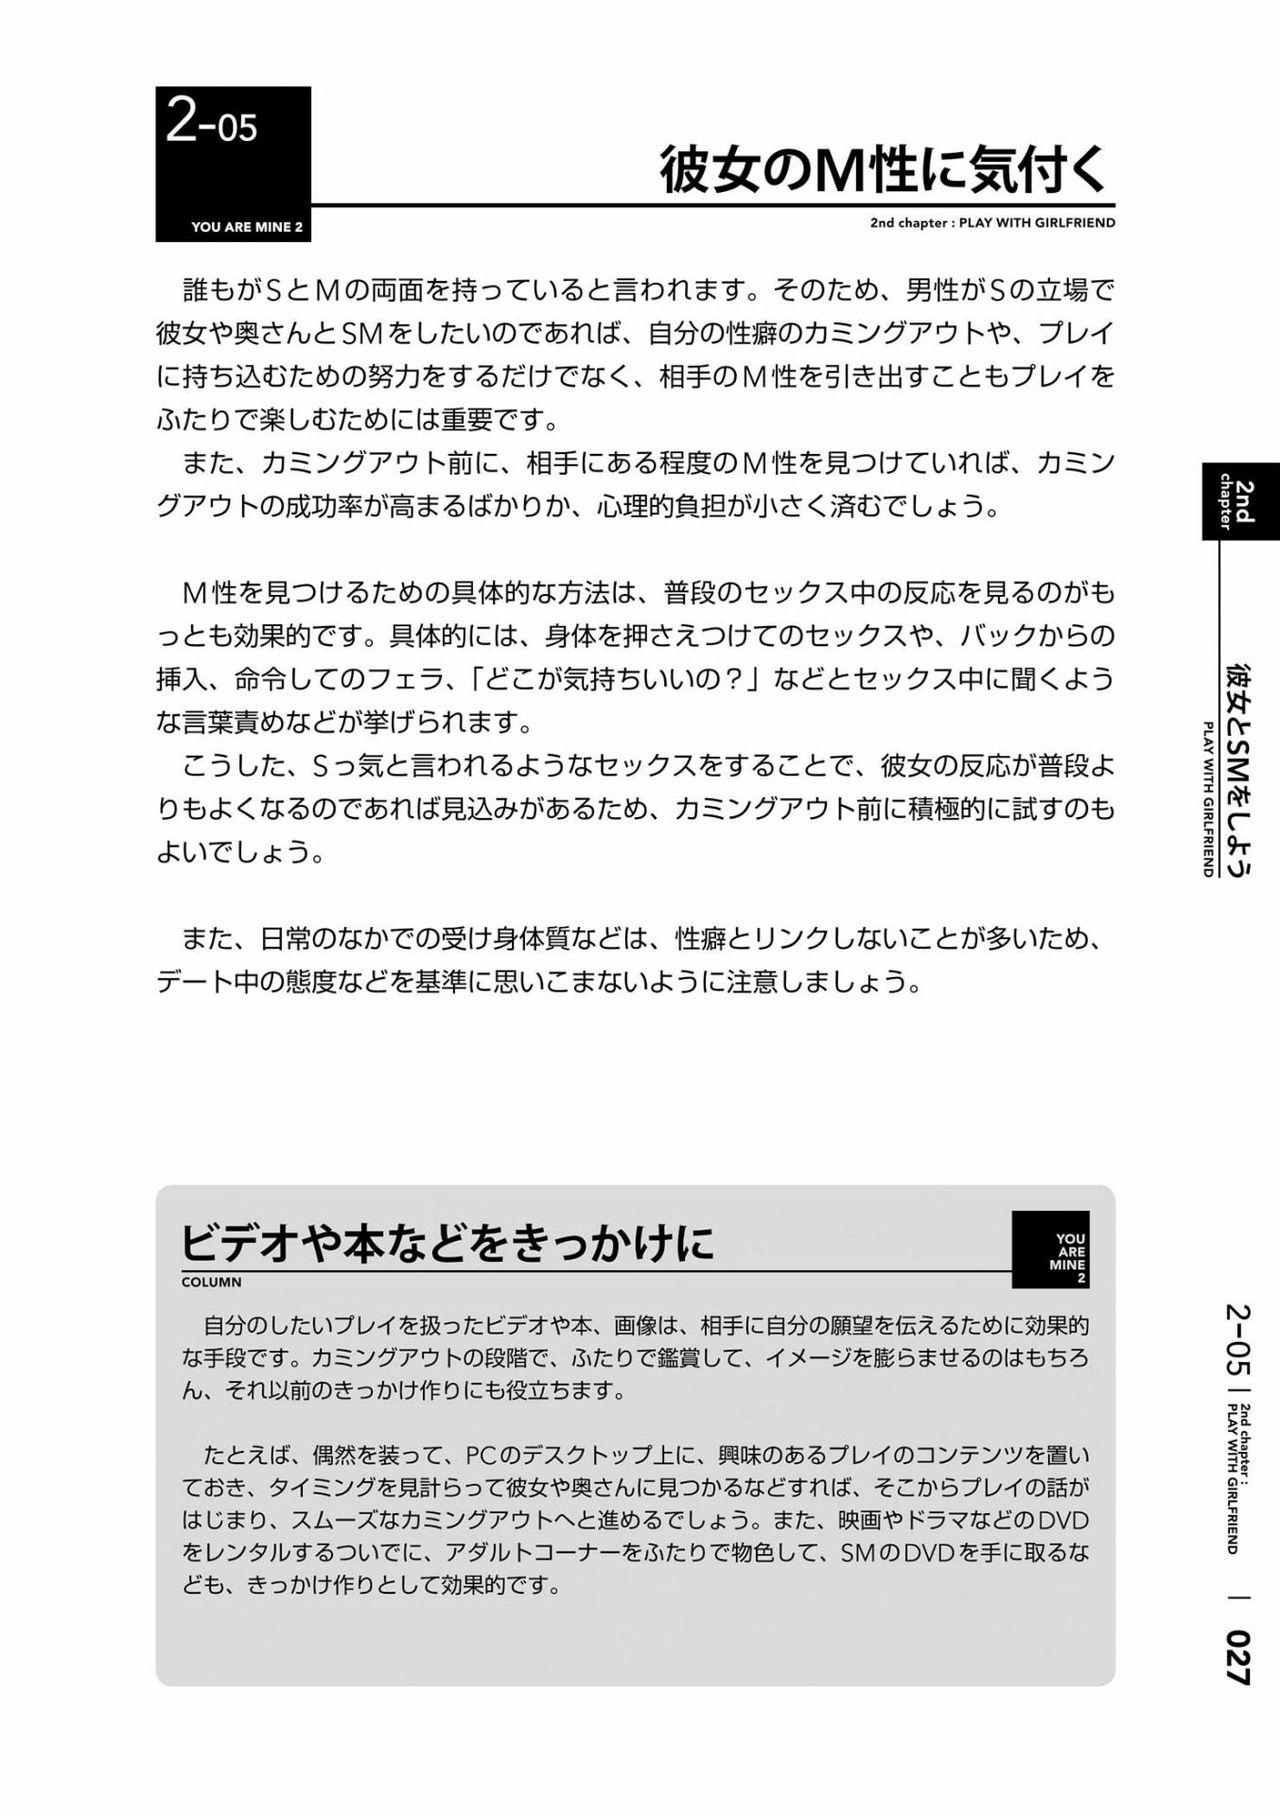 [Mitsuba] Karada mo Kokoro mo Boku no Mono ~Hajimete no SM Guide~ 2 [Digital] 29